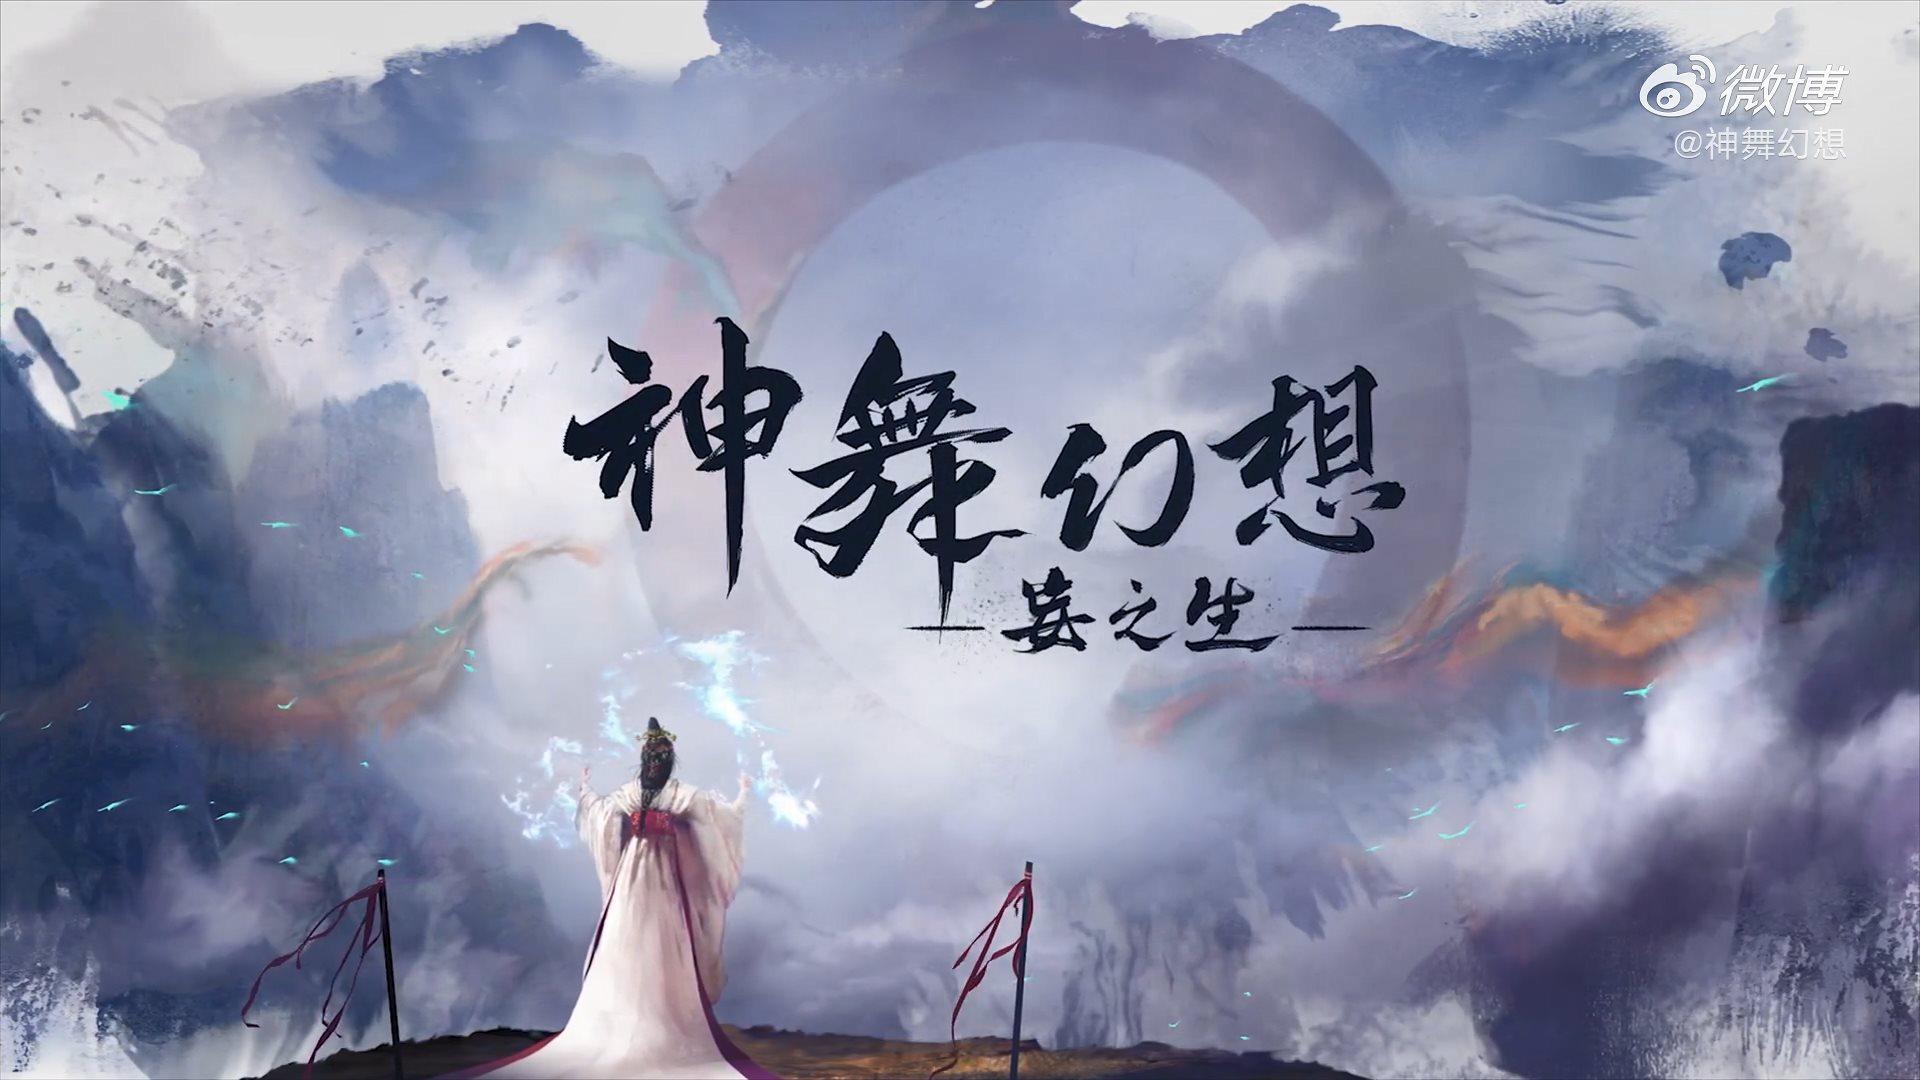 网元圣唐《神舞幻想:妄之生》正式公开 首段预